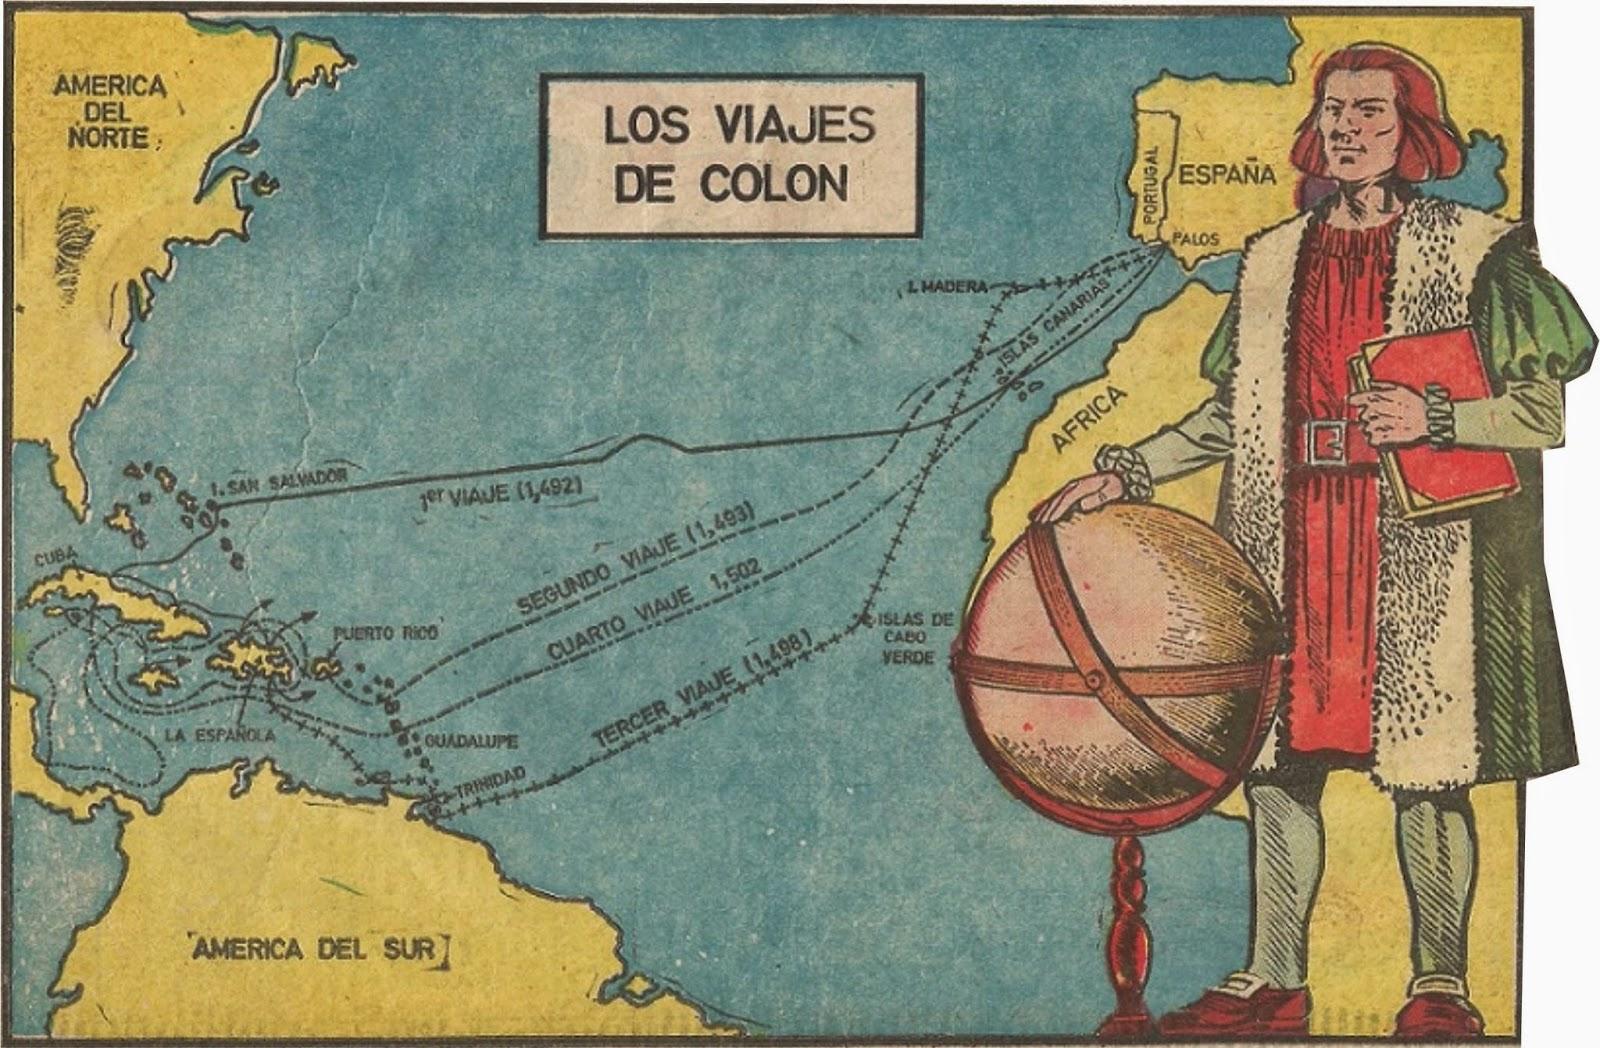 Los viajes de Cristobal Colón a las Américas